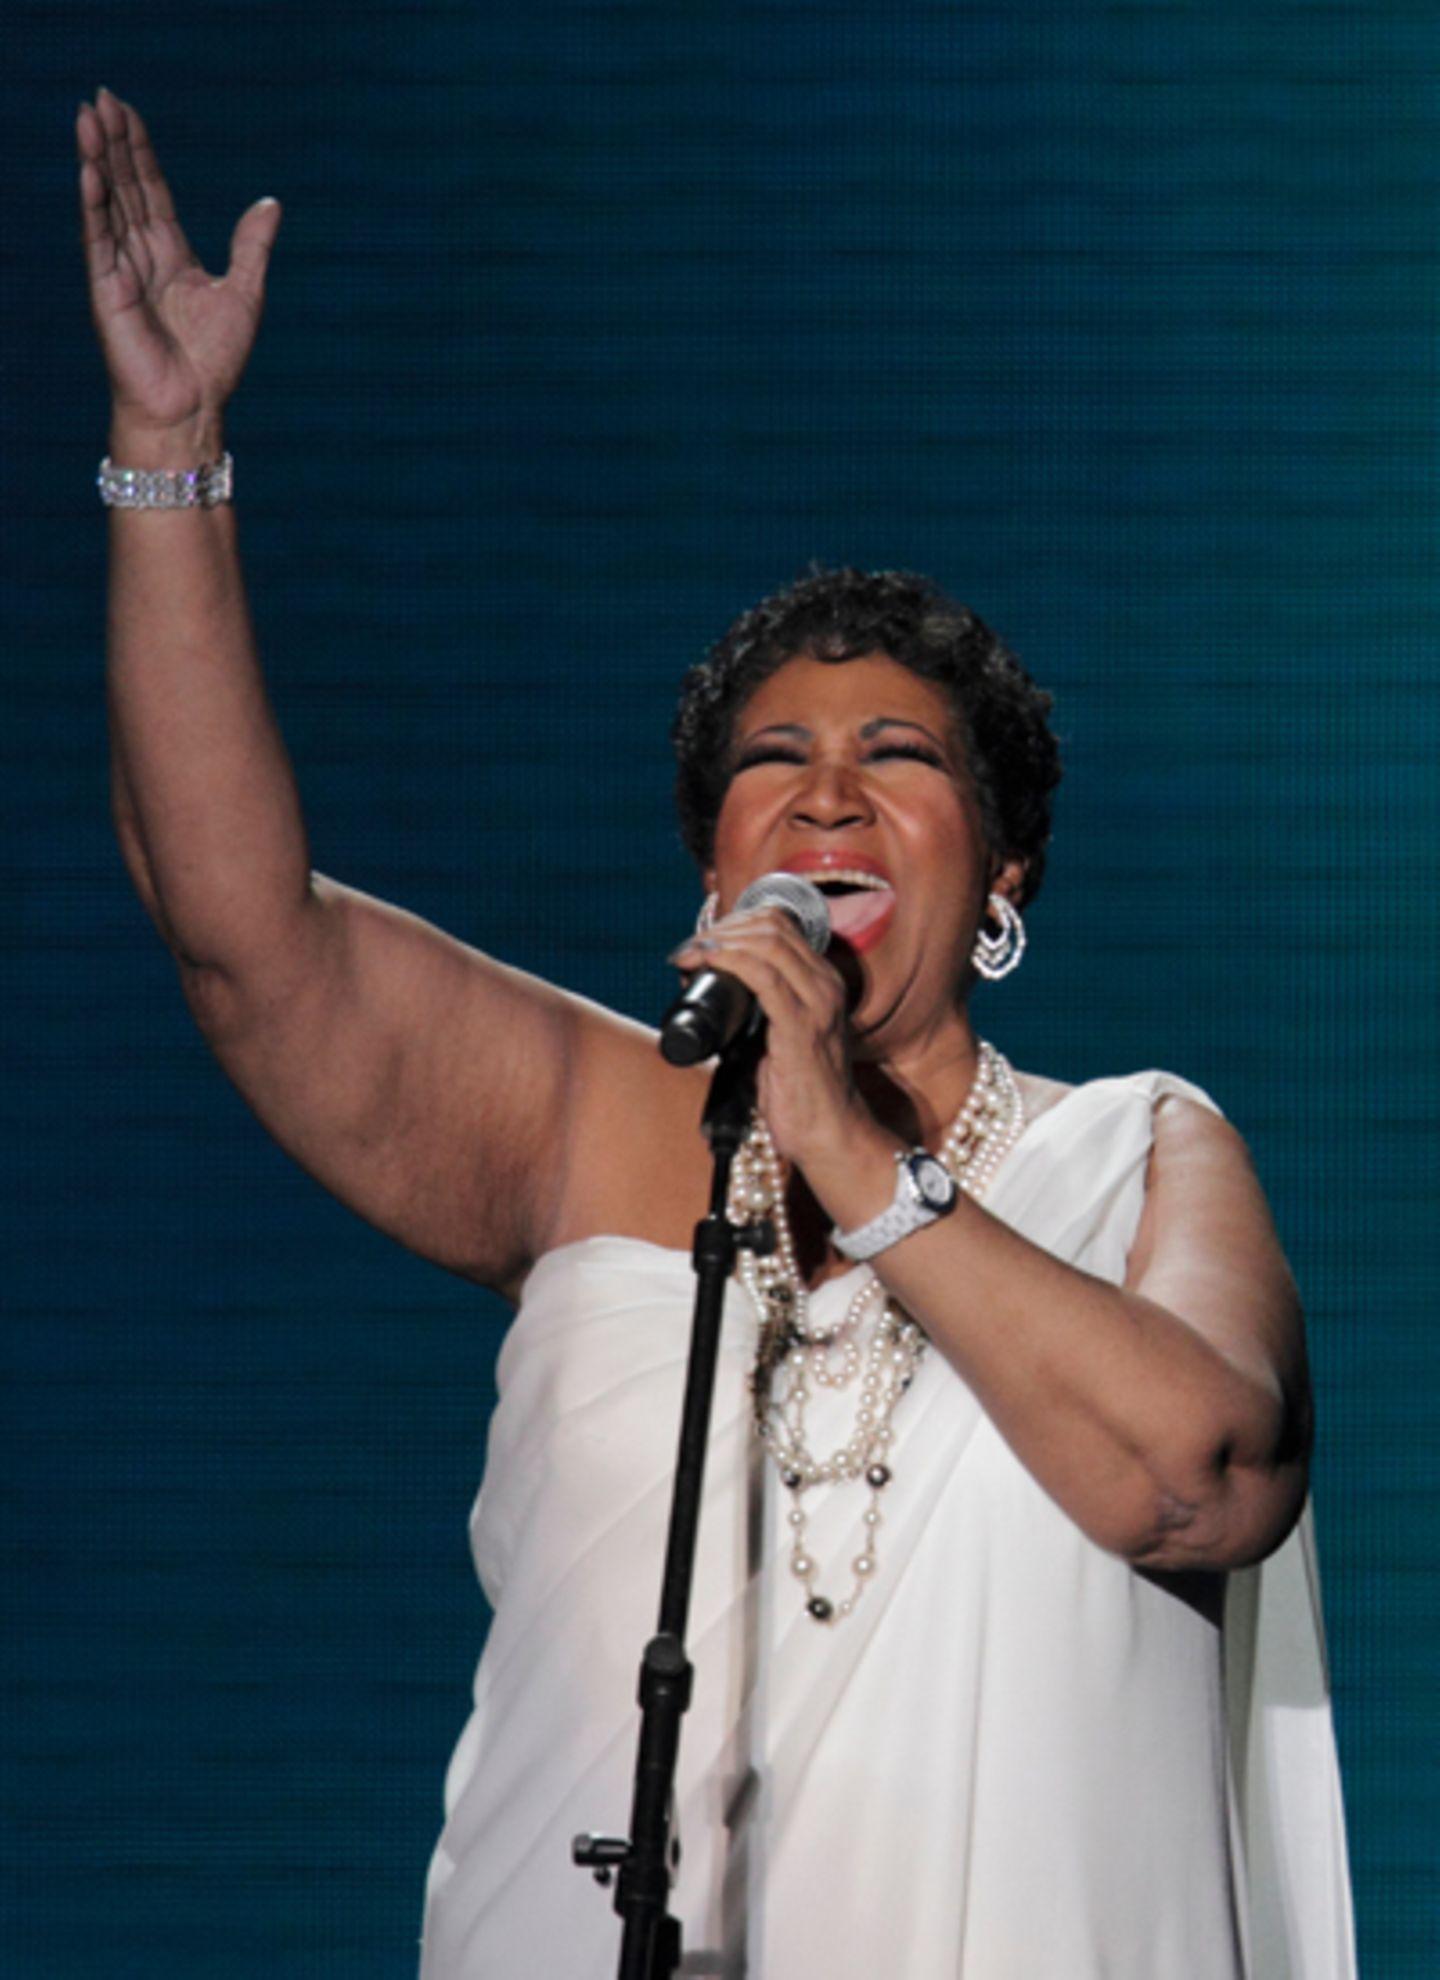 Die große Aretha Franklin singt für ihre Freundin.